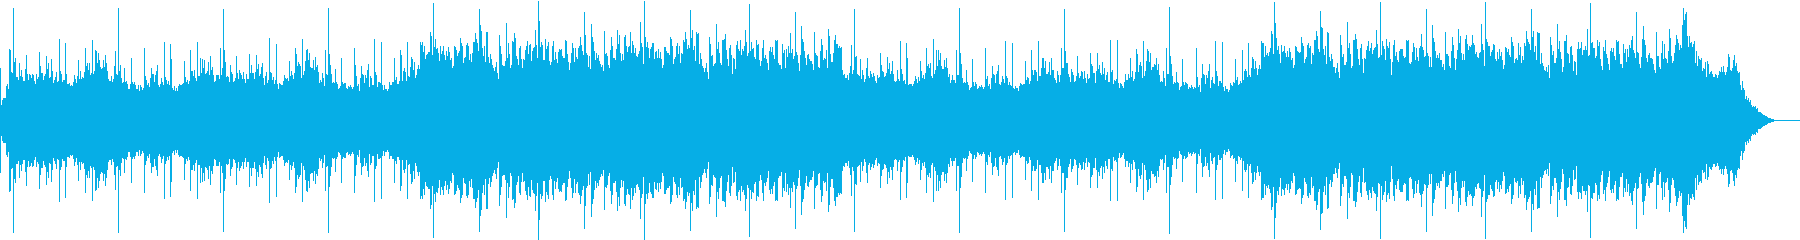 ミステリアス2の再生済みの波形